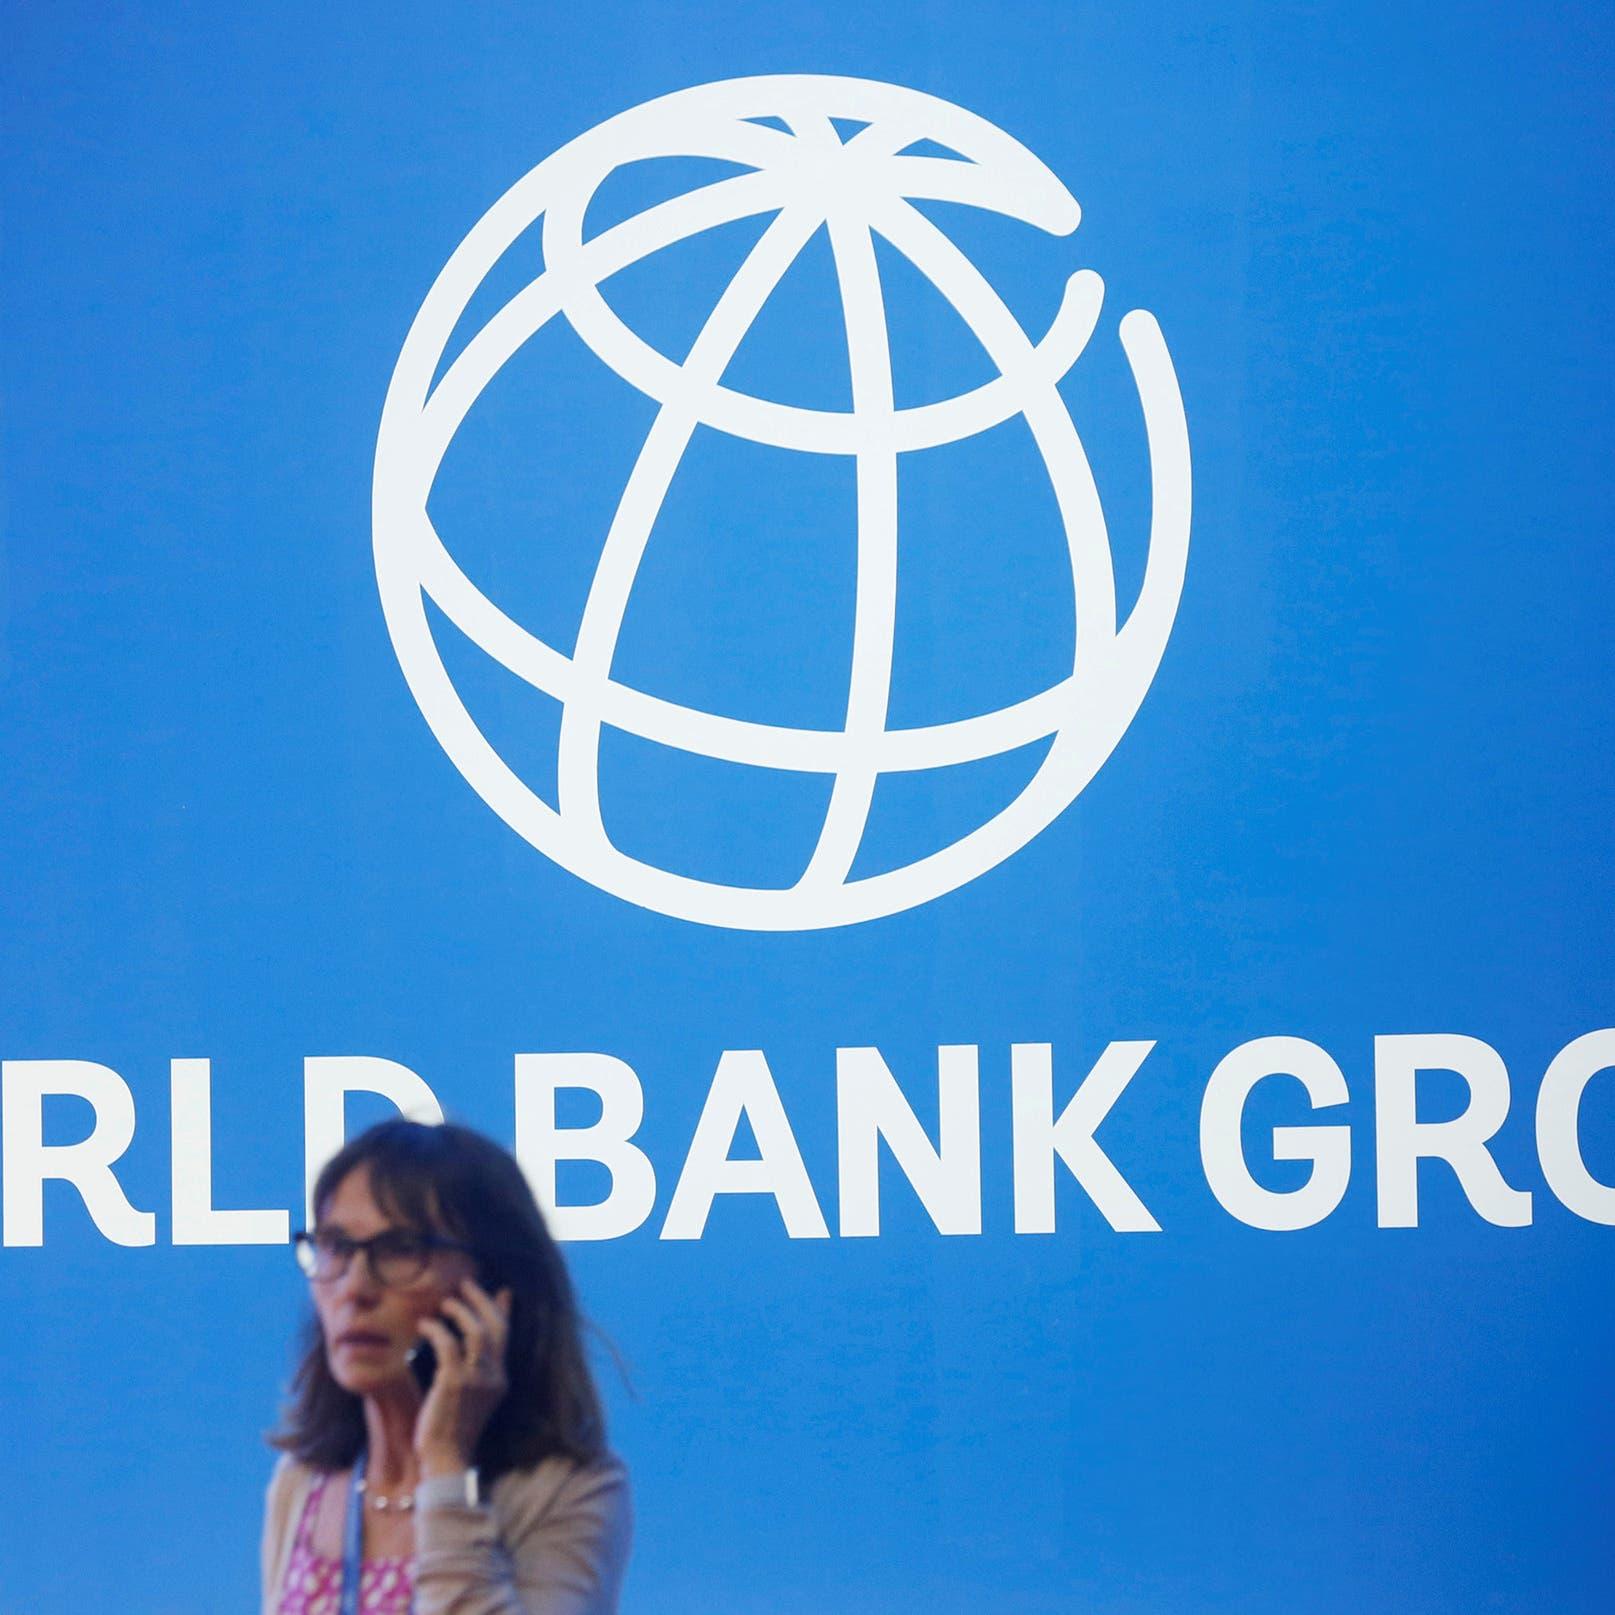 دعم غير مسبوق.. البنك الدولي قدم 157 مليار دولار أثناء الجائحة